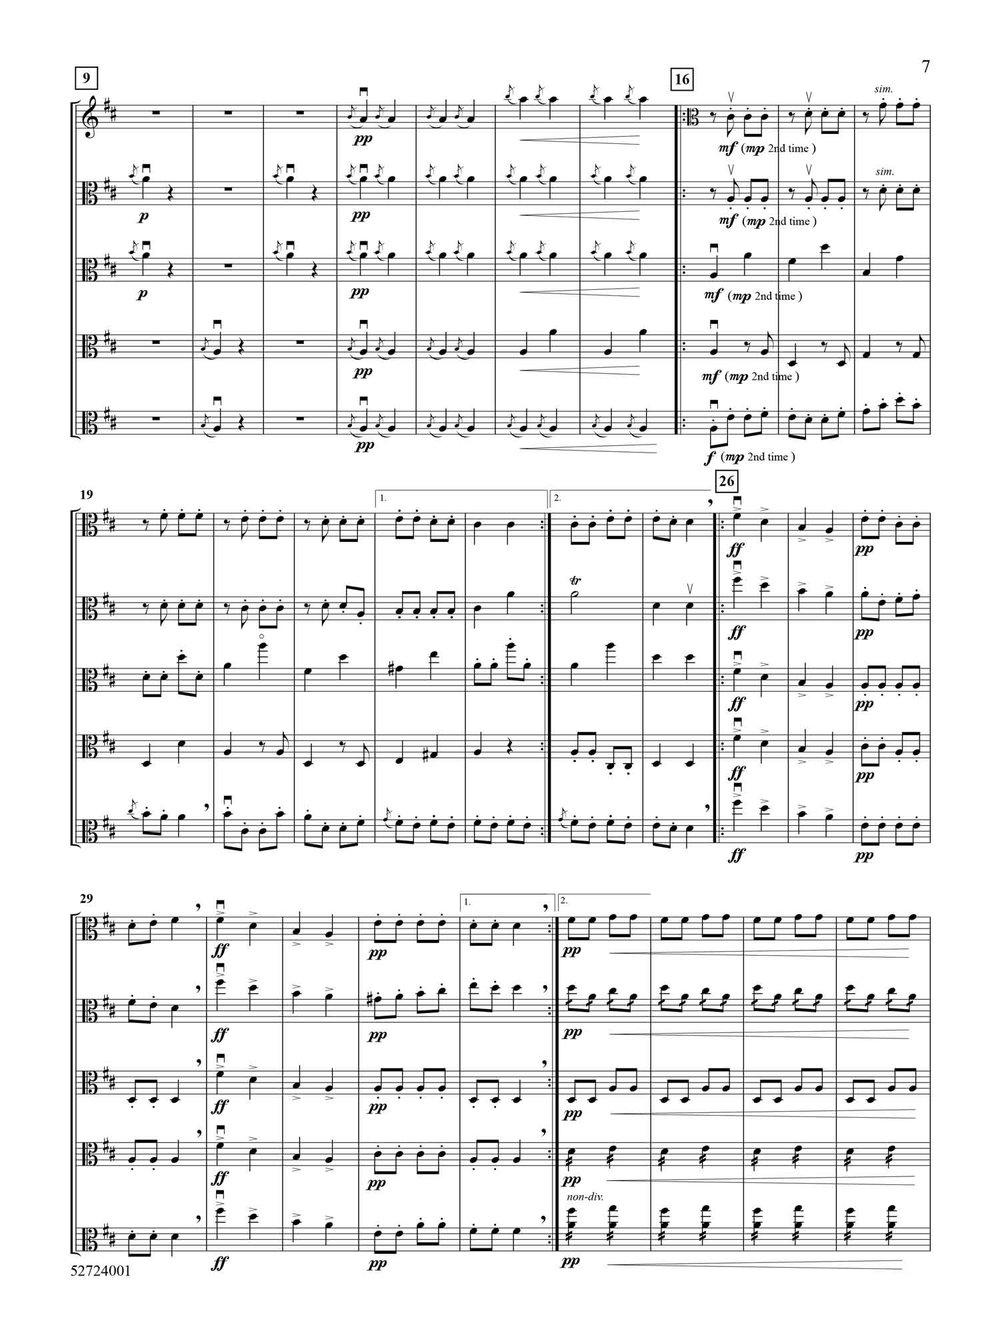 rondeau-des-metamorphoses-cancan-viola-quintet-score3.jpg